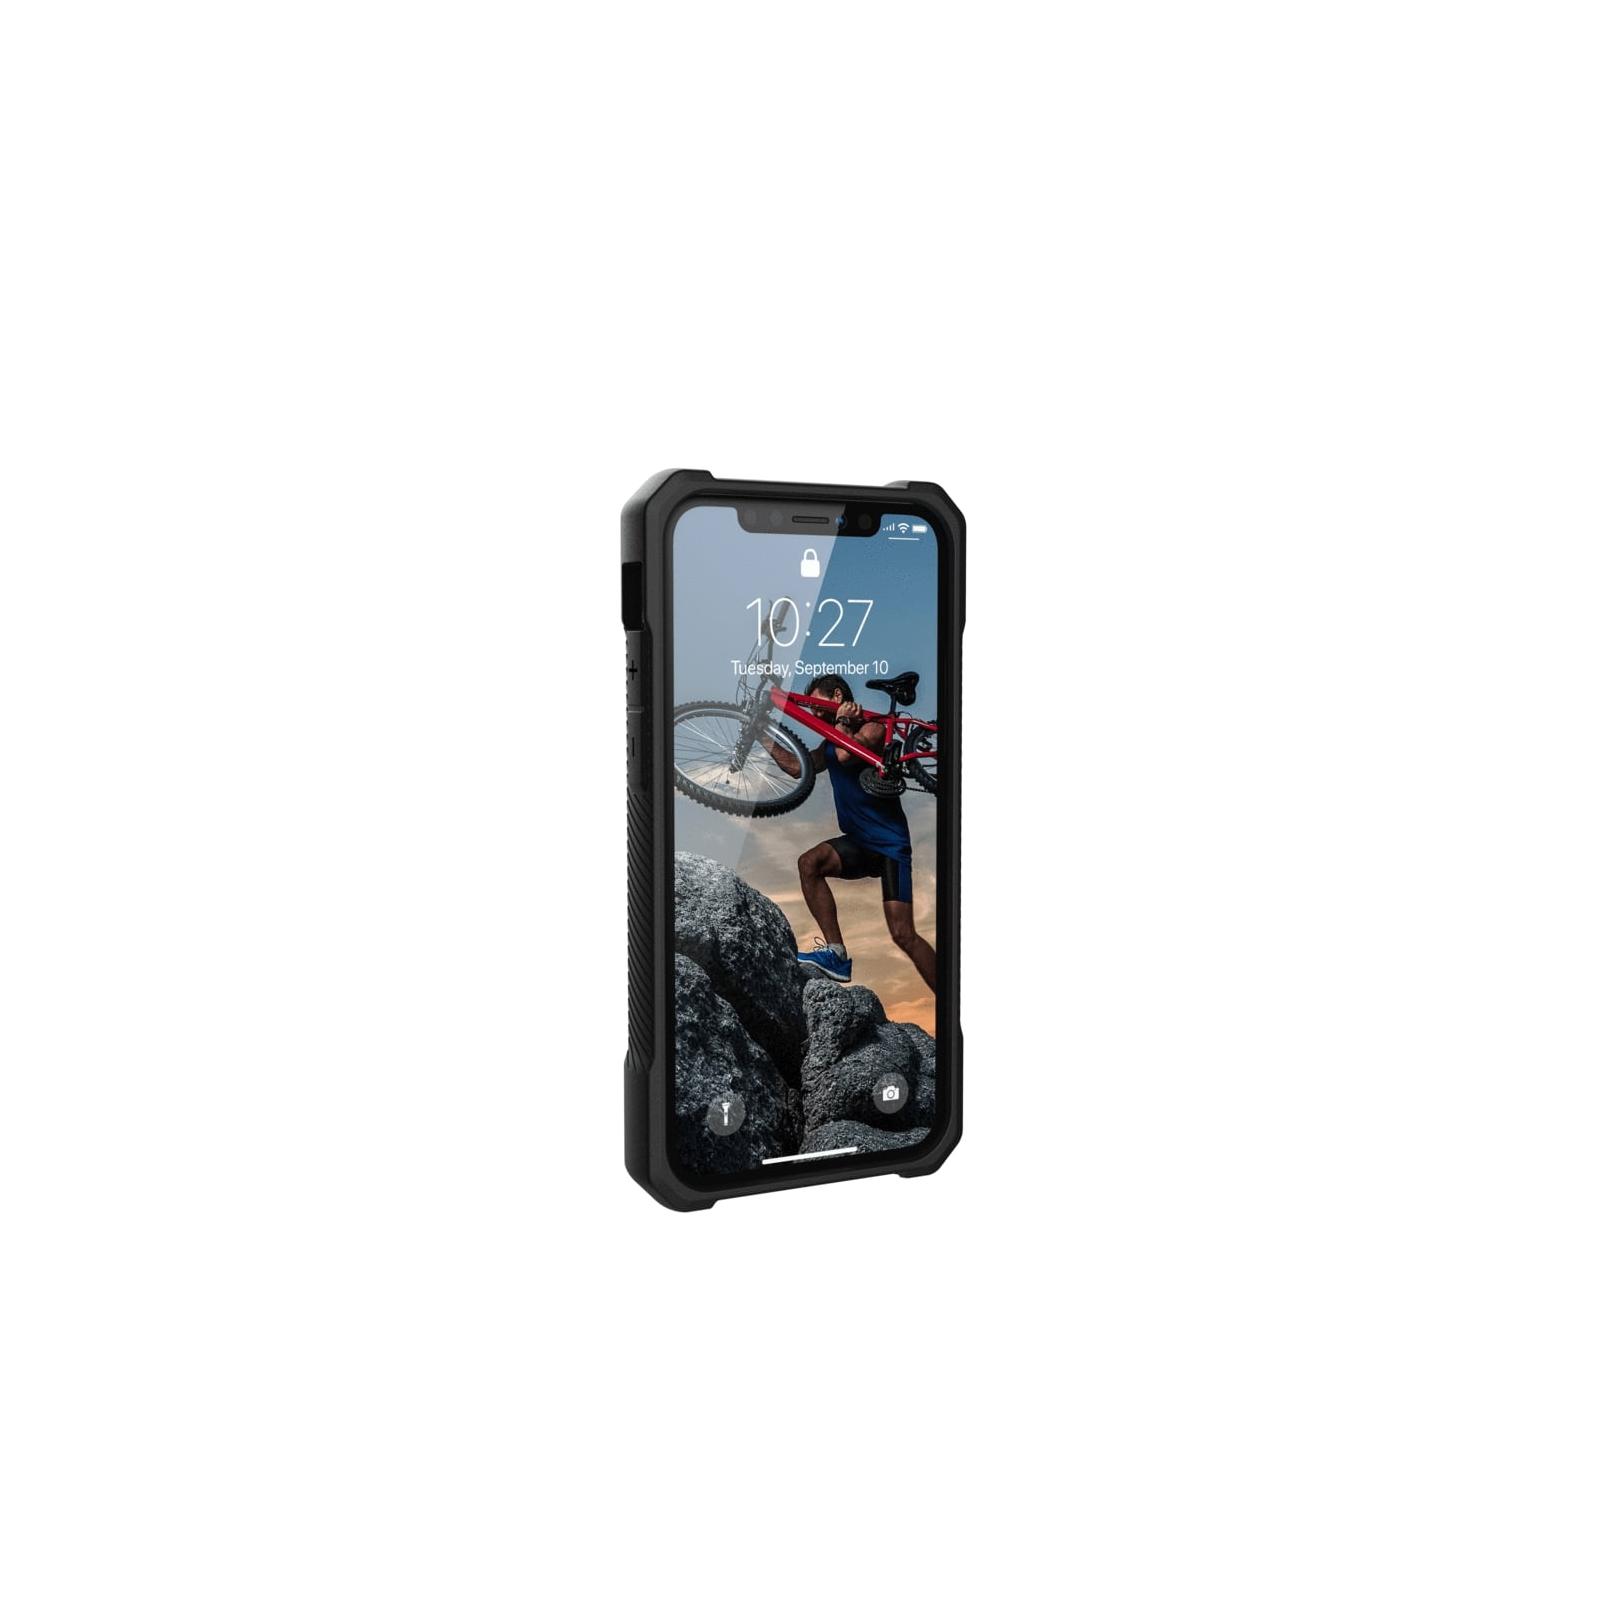 Чехол для моб. телефона Uag iPhone 11 Pro Monarch, Black (111701114040) изображение 4